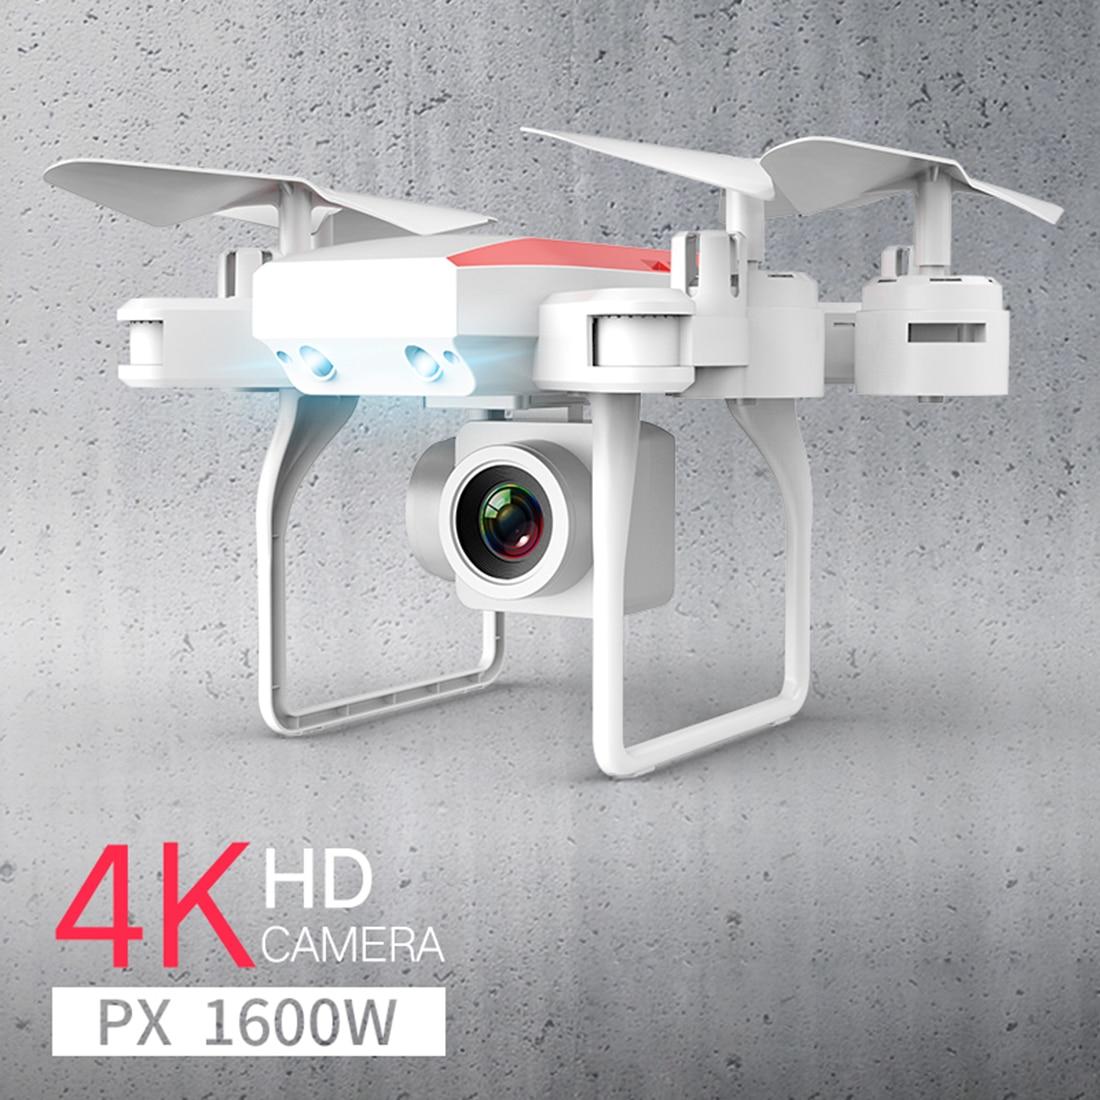 KY606D Drone 4k HD ถ่ายภาพ 1080p เครื่องบินสี่แกน 20 นาที air Pressure Hover a key take off Rc เฮลิคอปเตอร์-ใน เฮลิคอปเตอร์ RC จาก ของเล่นและงานอดิเรก บน AliExpress - 11.11_สิบเอ็ด สิบเอ็ดวันคนโสด 1